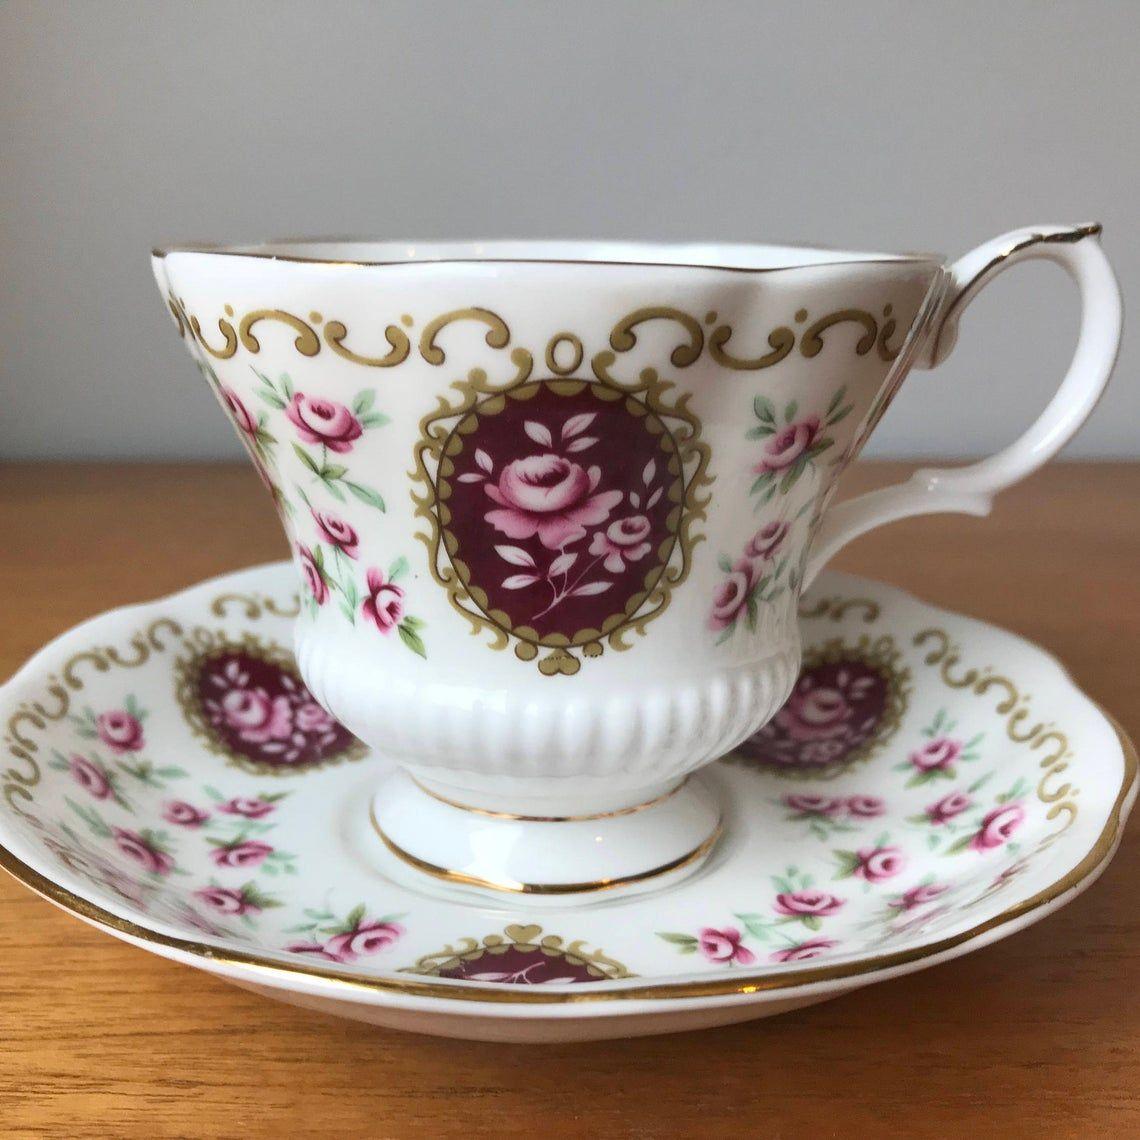 Royal Albert Keepsake Cameo Series Tea Cup and Saucer, Dark Pink Violet Rose Teacup and Saucer, Bone China